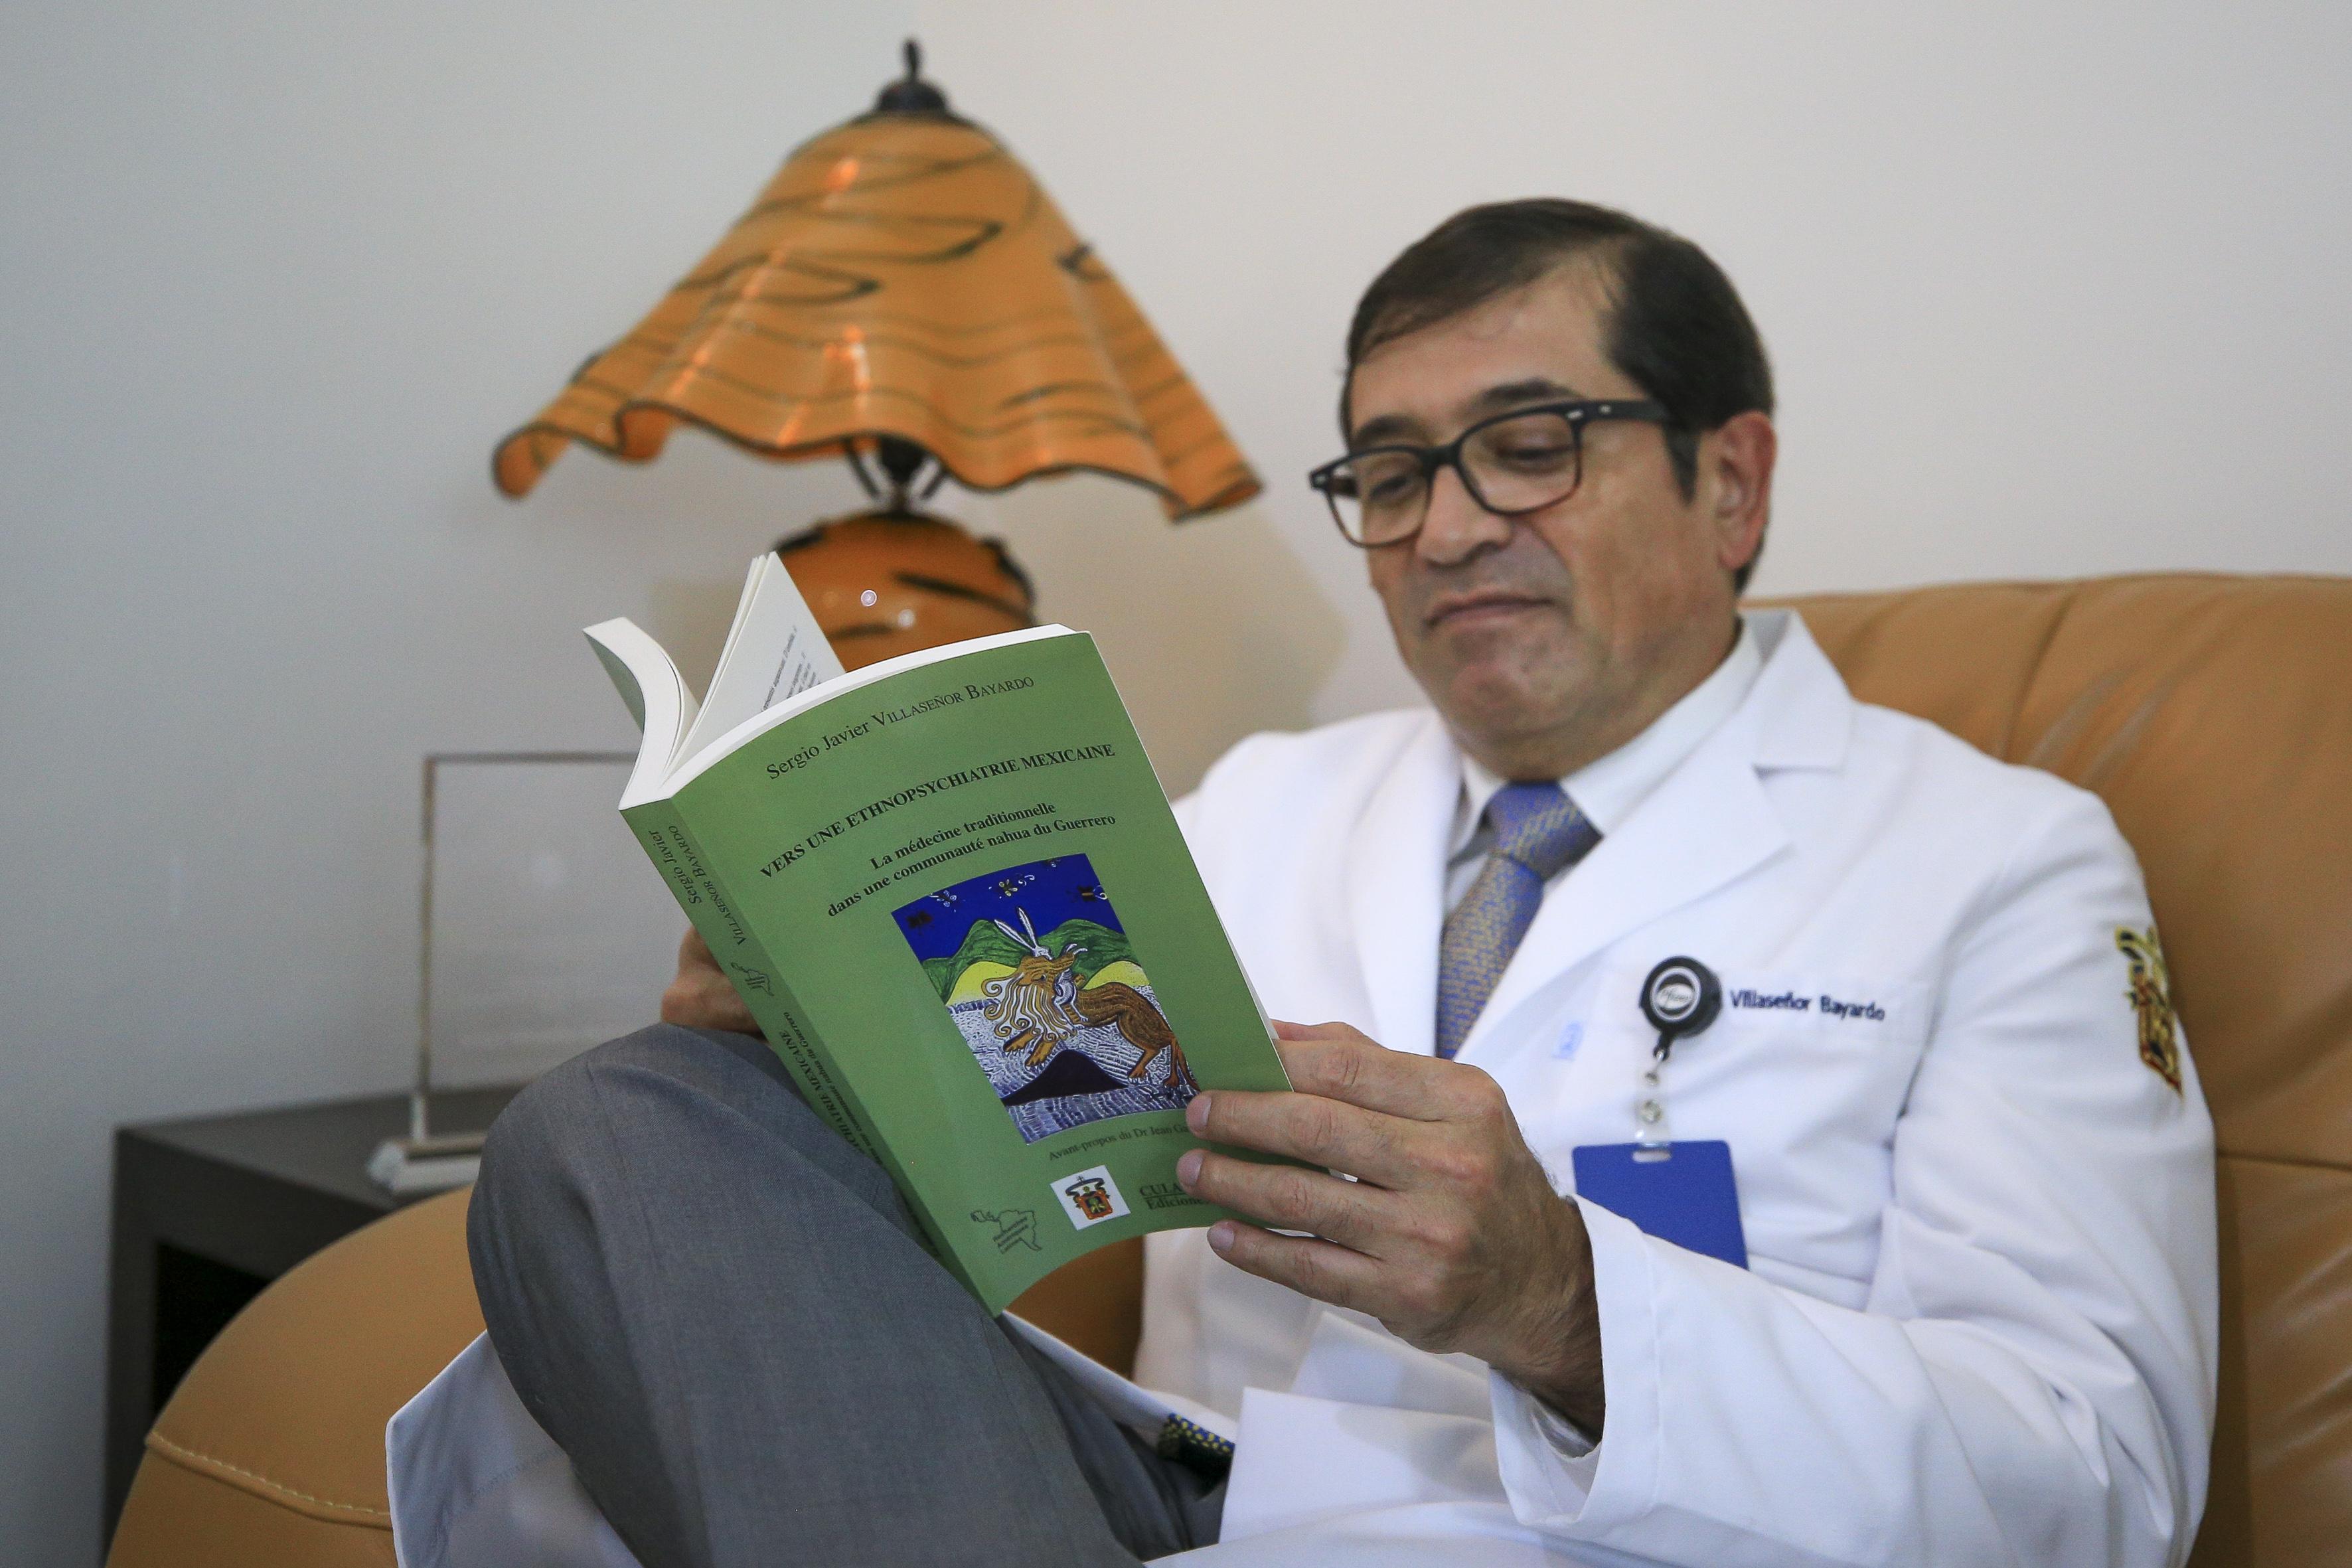 Dr. leyendo su libro